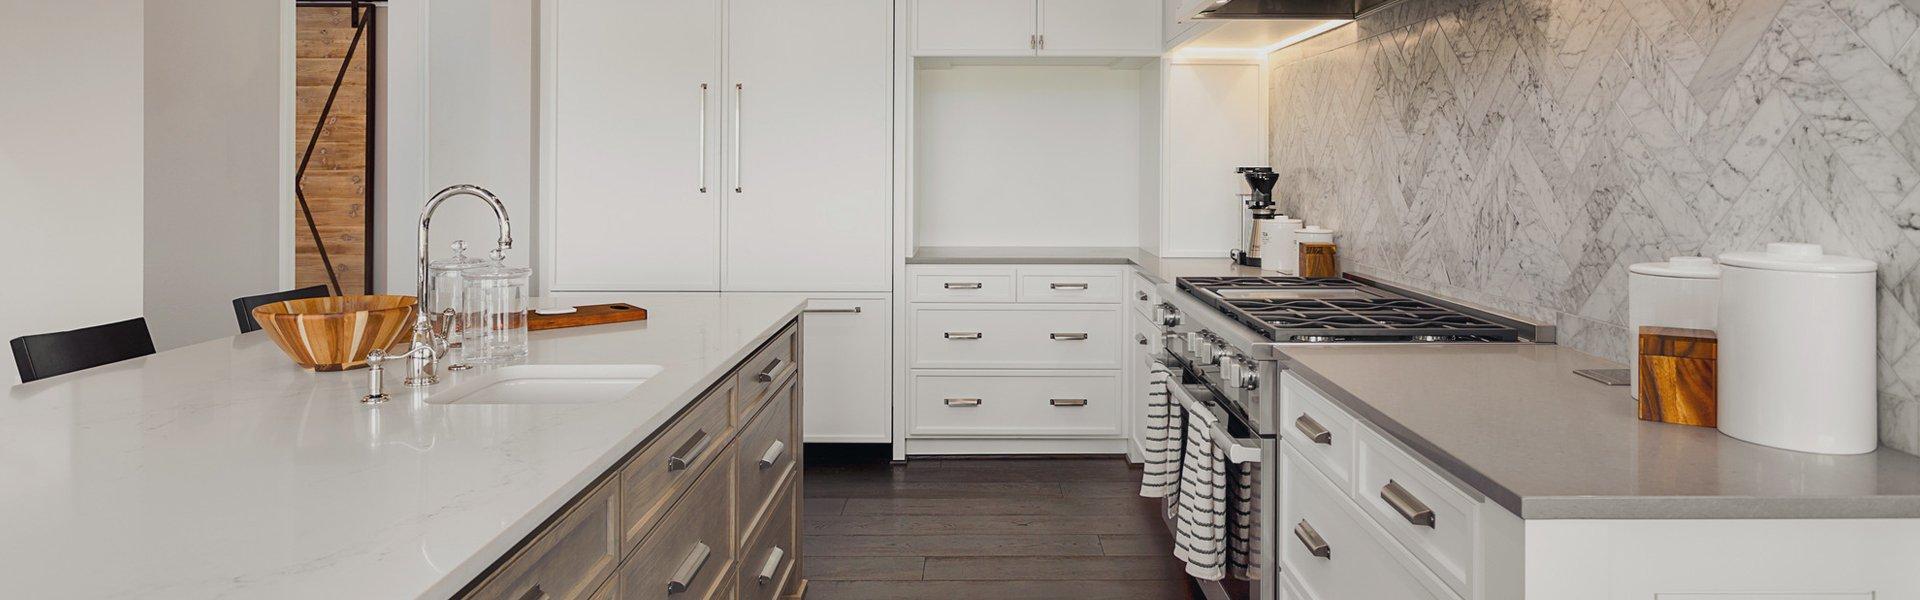 Kitchen improvement | Paul Taylor Building Services Ltd